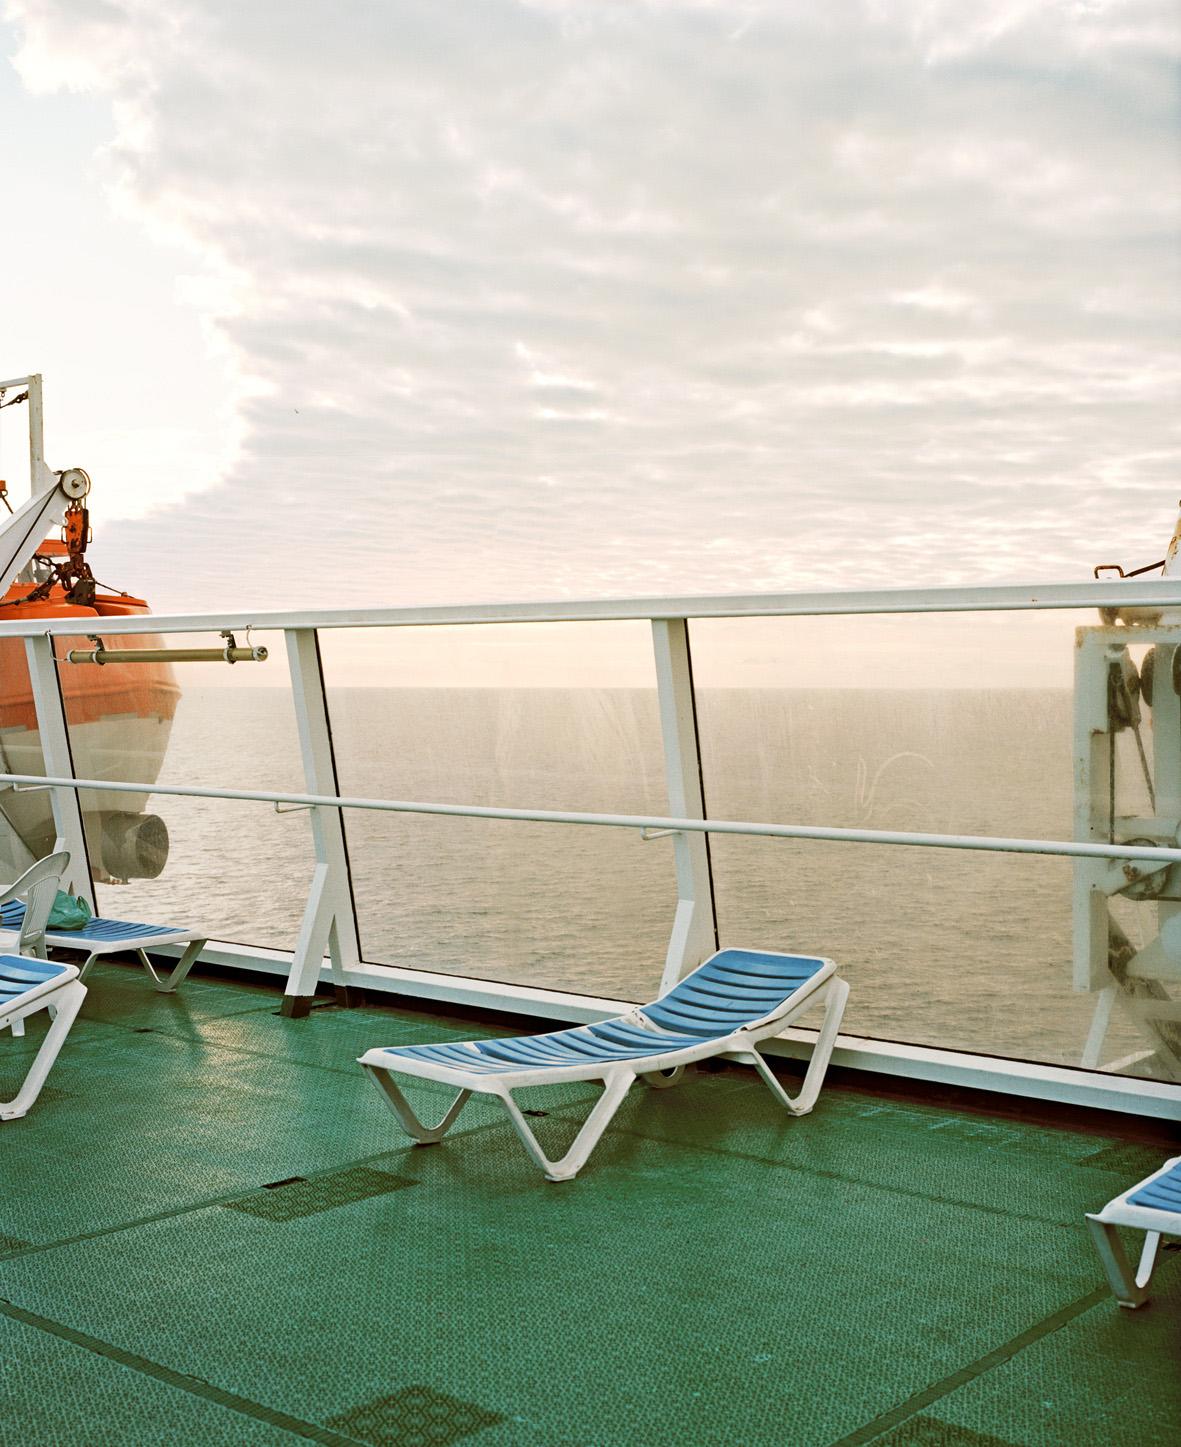 Eva Leitolf (*1966) Überfahrt, Melilla-Almería, Mittelmeer, 2009 aus der Serie: Postcards from Europe Archivpigmentdruck auf Karton, Konsole, Postkarten, 68,6 x 83,5 cm © VG Bild-Kunst, Bonn 2015